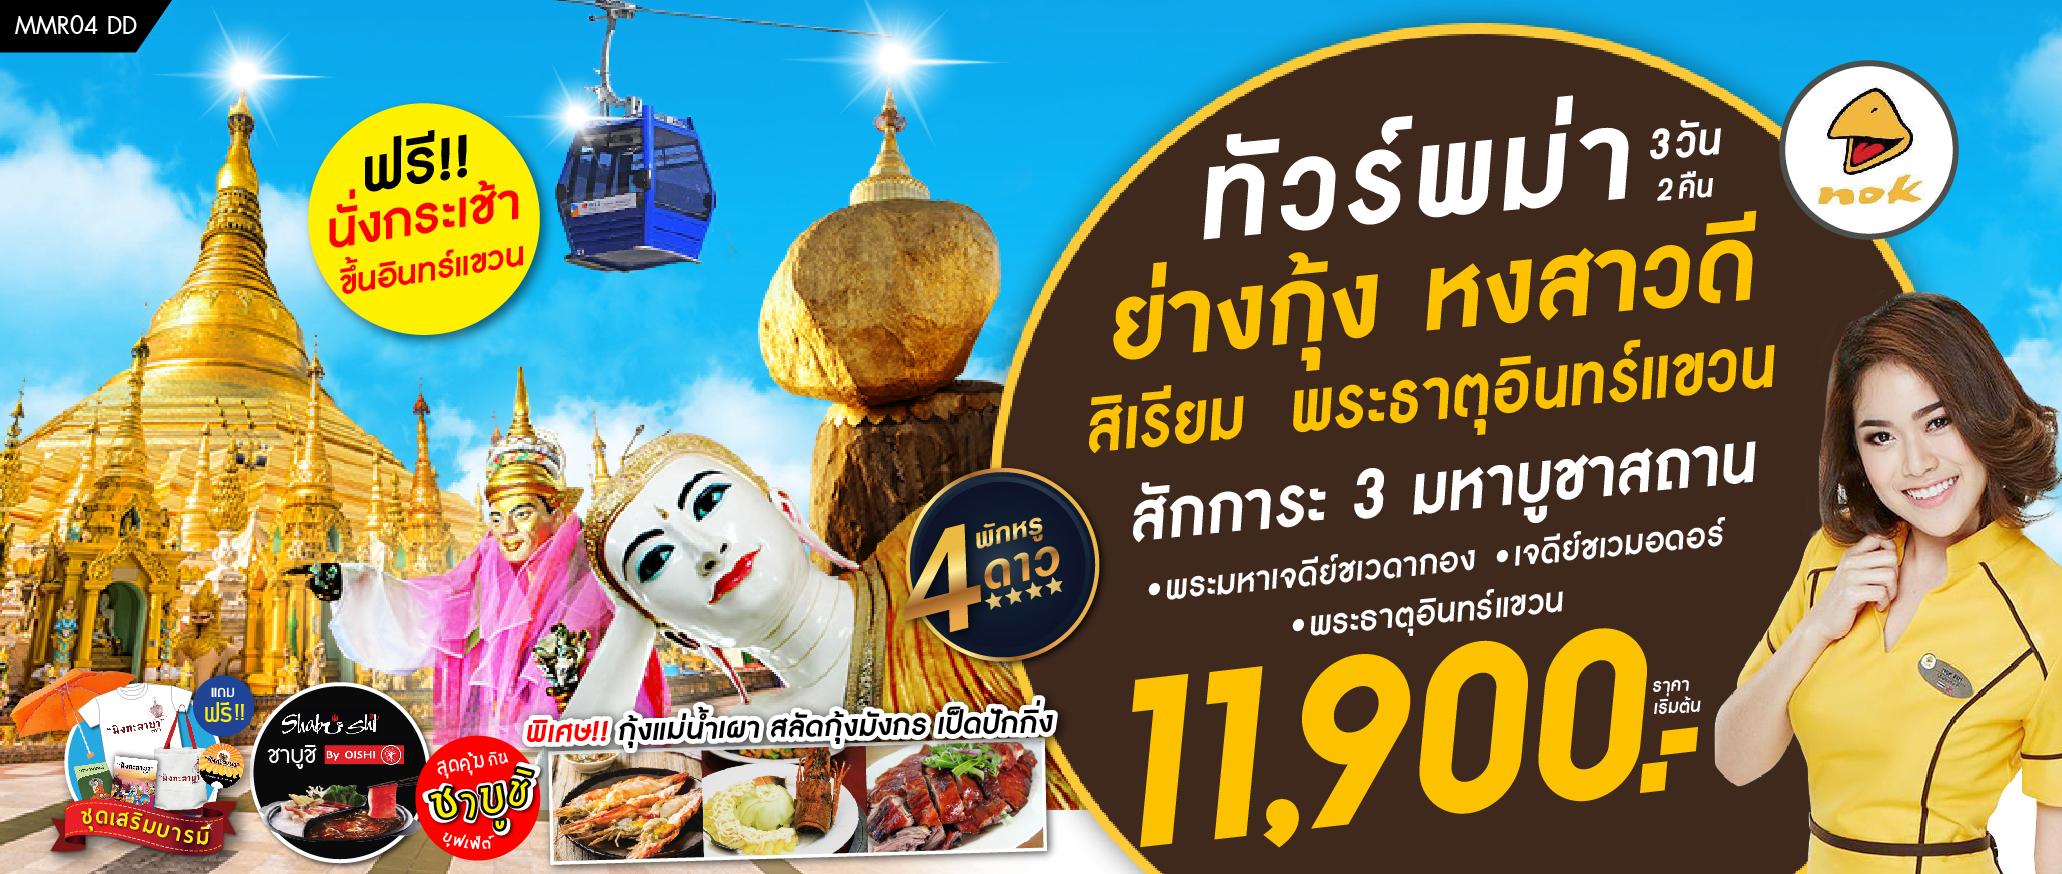 BIC MMR04_DD_4D ทัวร์ พม่า ย่างกุ้ง หงสา สิเรียม อินทร์แขวน พักโรงแรมหรูมีระดับ 4 ดาว 3 วัน 2 คืน บิน DD